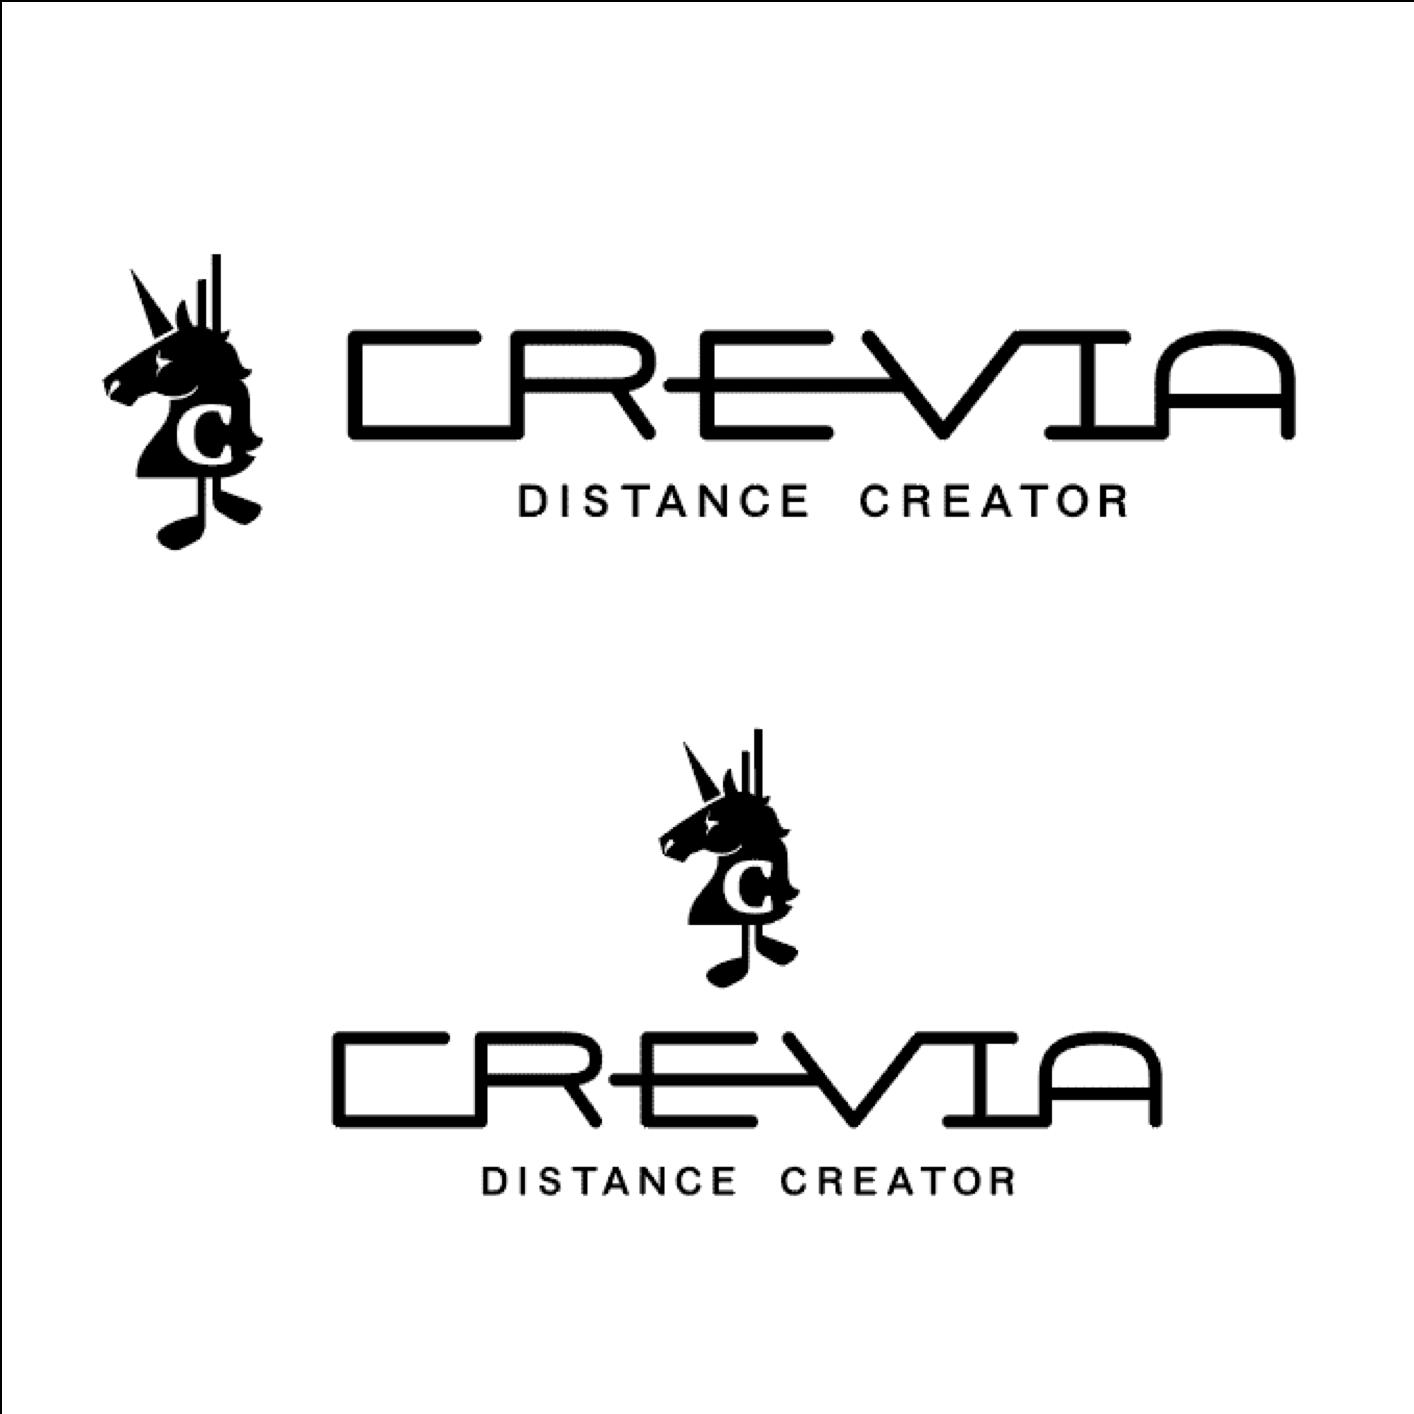 CREVIA ロゴデザイン